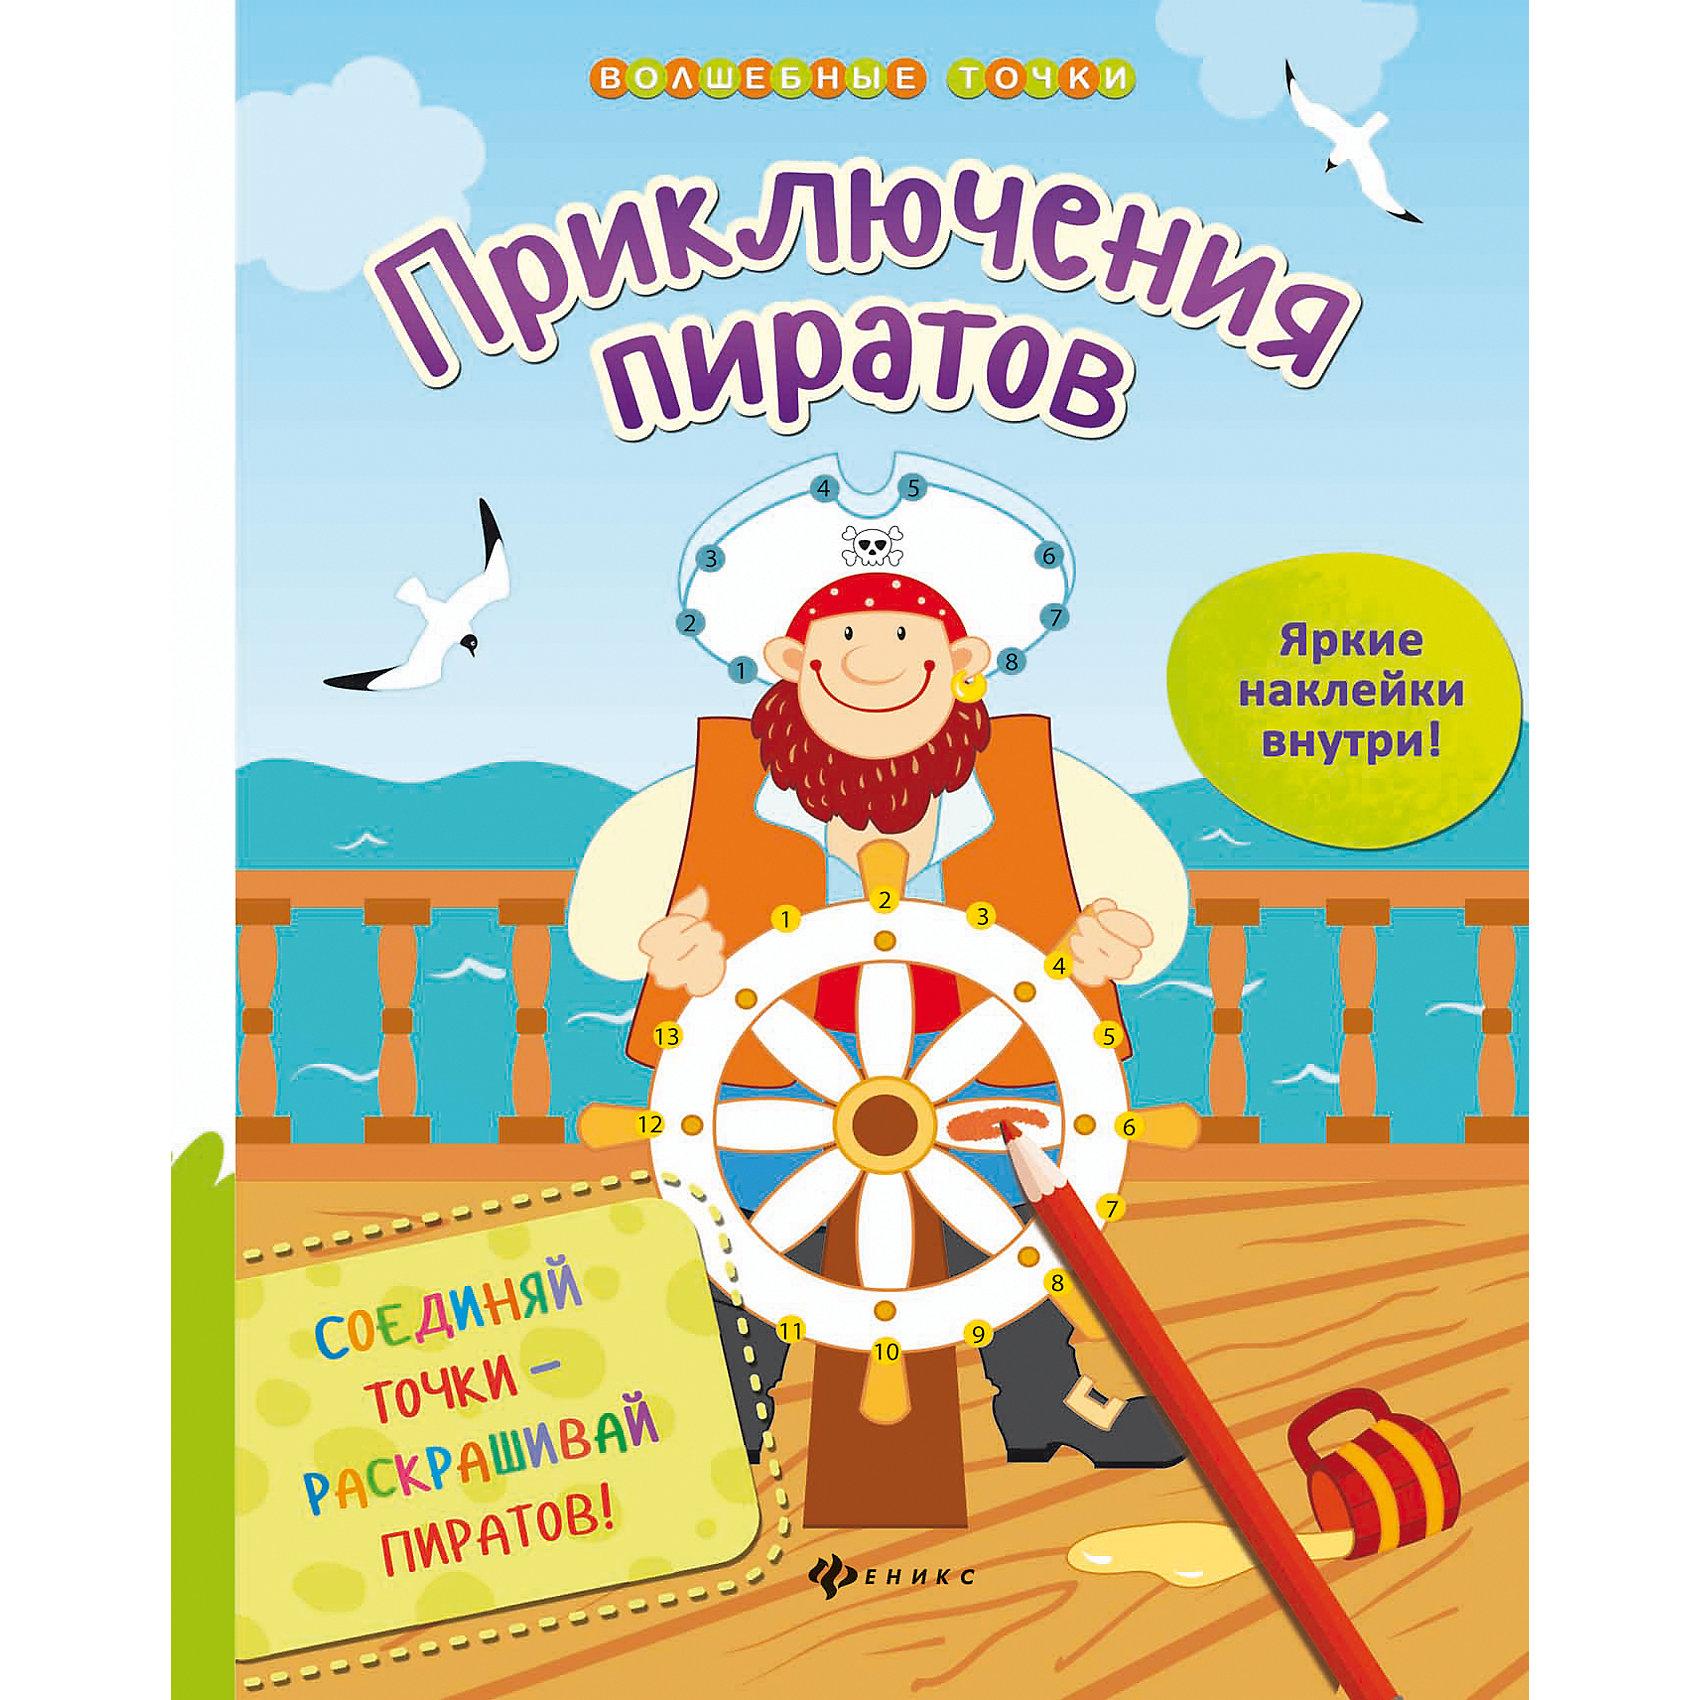 Книжка Приключения пиратовРазвивающие книги<br>Книжка Приключения пиратов<br><br>Характеристики: <br><br>• Кол-во страниц: 16<br>• ISBN: 9785222258439<br>• Возраст: 0+<br>• Обложка: мягкая глянцевая<br>• Формат: а4<br><br>Эта книга-раскраска содержит иллюстрации, которые надо сначала соединить по цифрам, а потом уже раскрашивать и дополнять яркими наклейками. Используя такую книгу, ребенок сможет развить мелкую моторику и творческий подход и воображение.<br><br>Книжка Приключения пиратов можно купить в нашем интернет-магазине.<br><br>Ширина мм: 280<br>Глубина мм: 204<br>Высота мм: 20<br>Вес г: 77<br>Возраст от месяцев: -2147483648<br>Возраст до месяцев: 2147483647<br>Пол: Унисекс<br>Возраст: Детский<br>SKU: 5464533